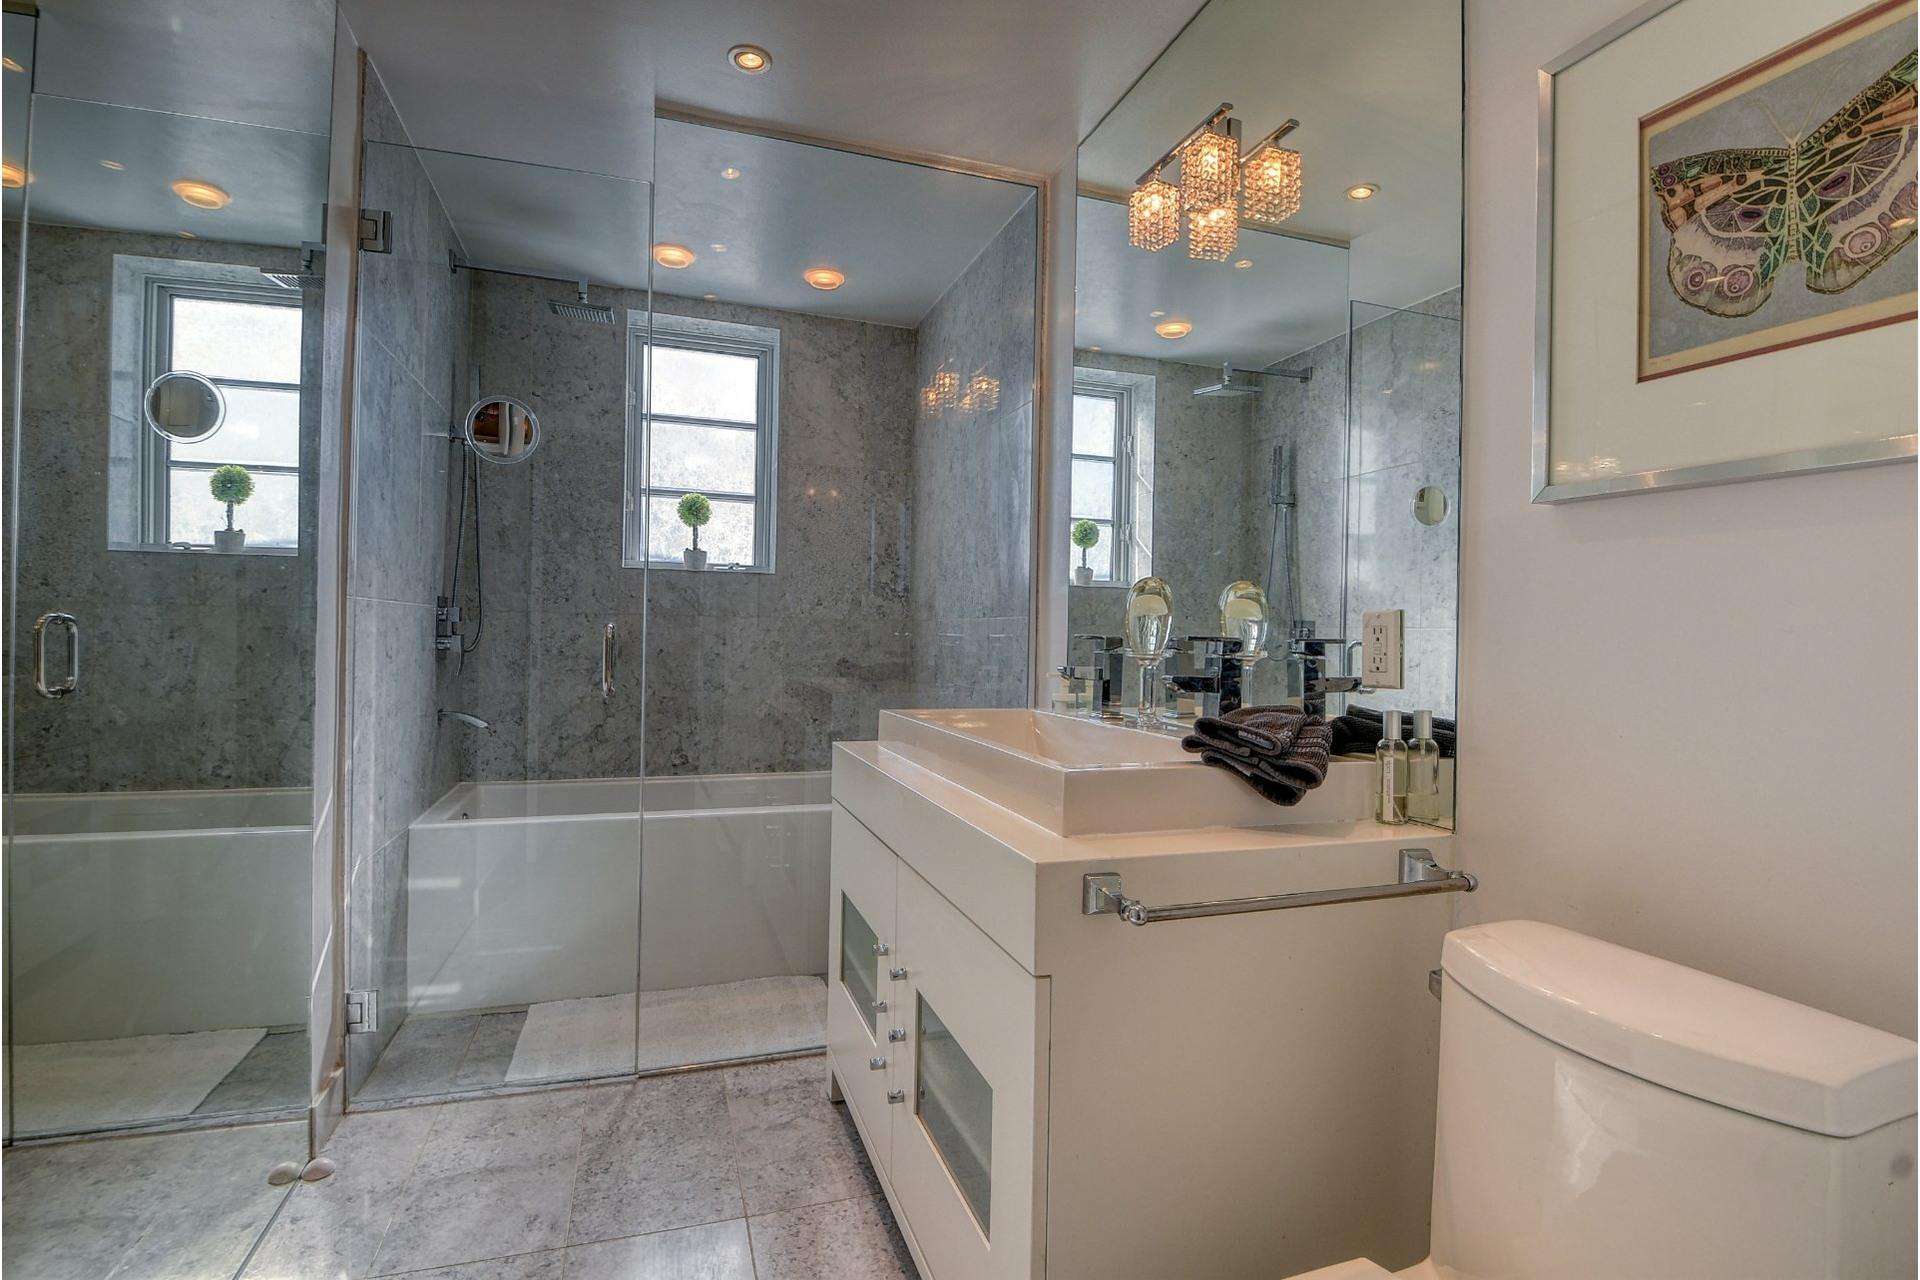 image 13 - Apartment For sale Côte-Saint-Luc - 5 rooms